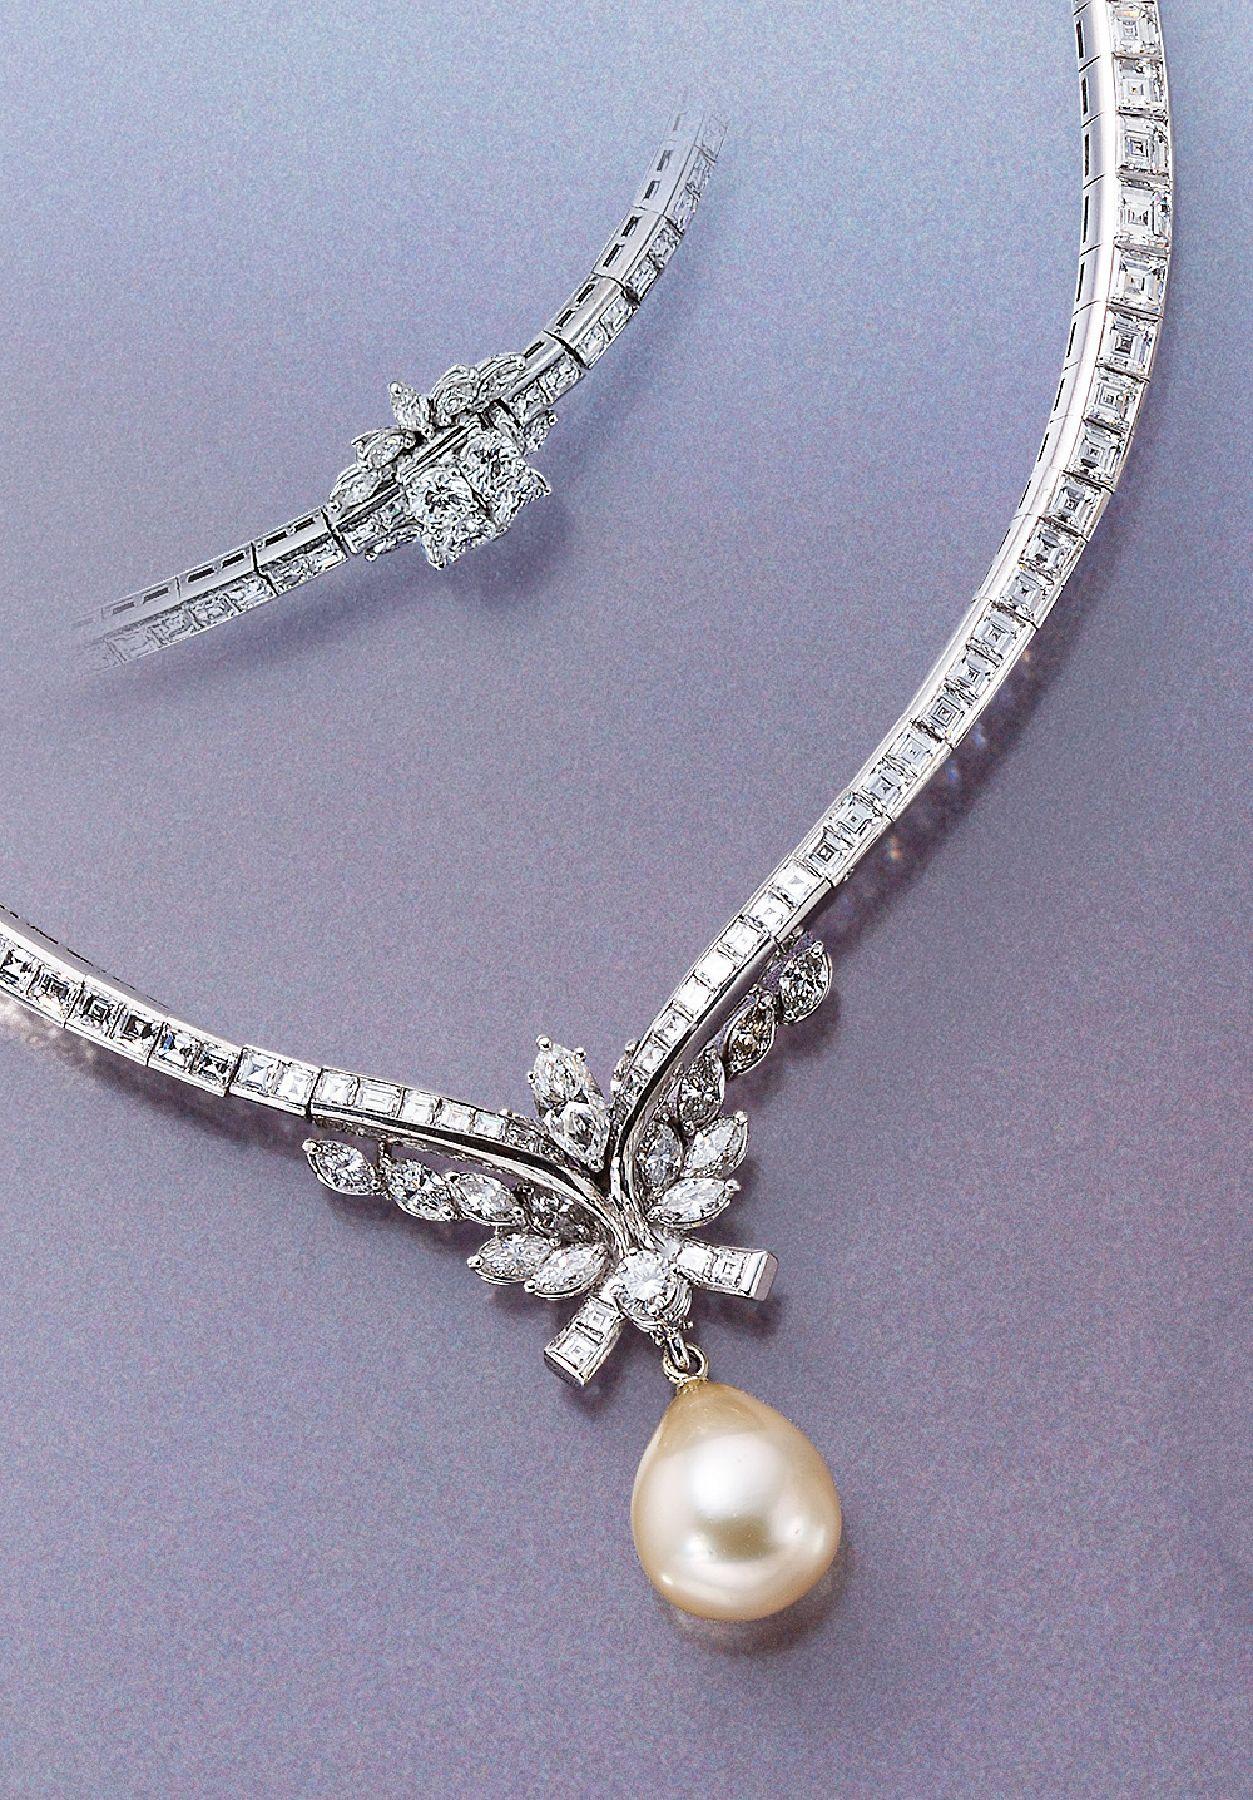 Vente Bijoux modernes, Accessoires chez Henry's Auktionshaus : 532 lots